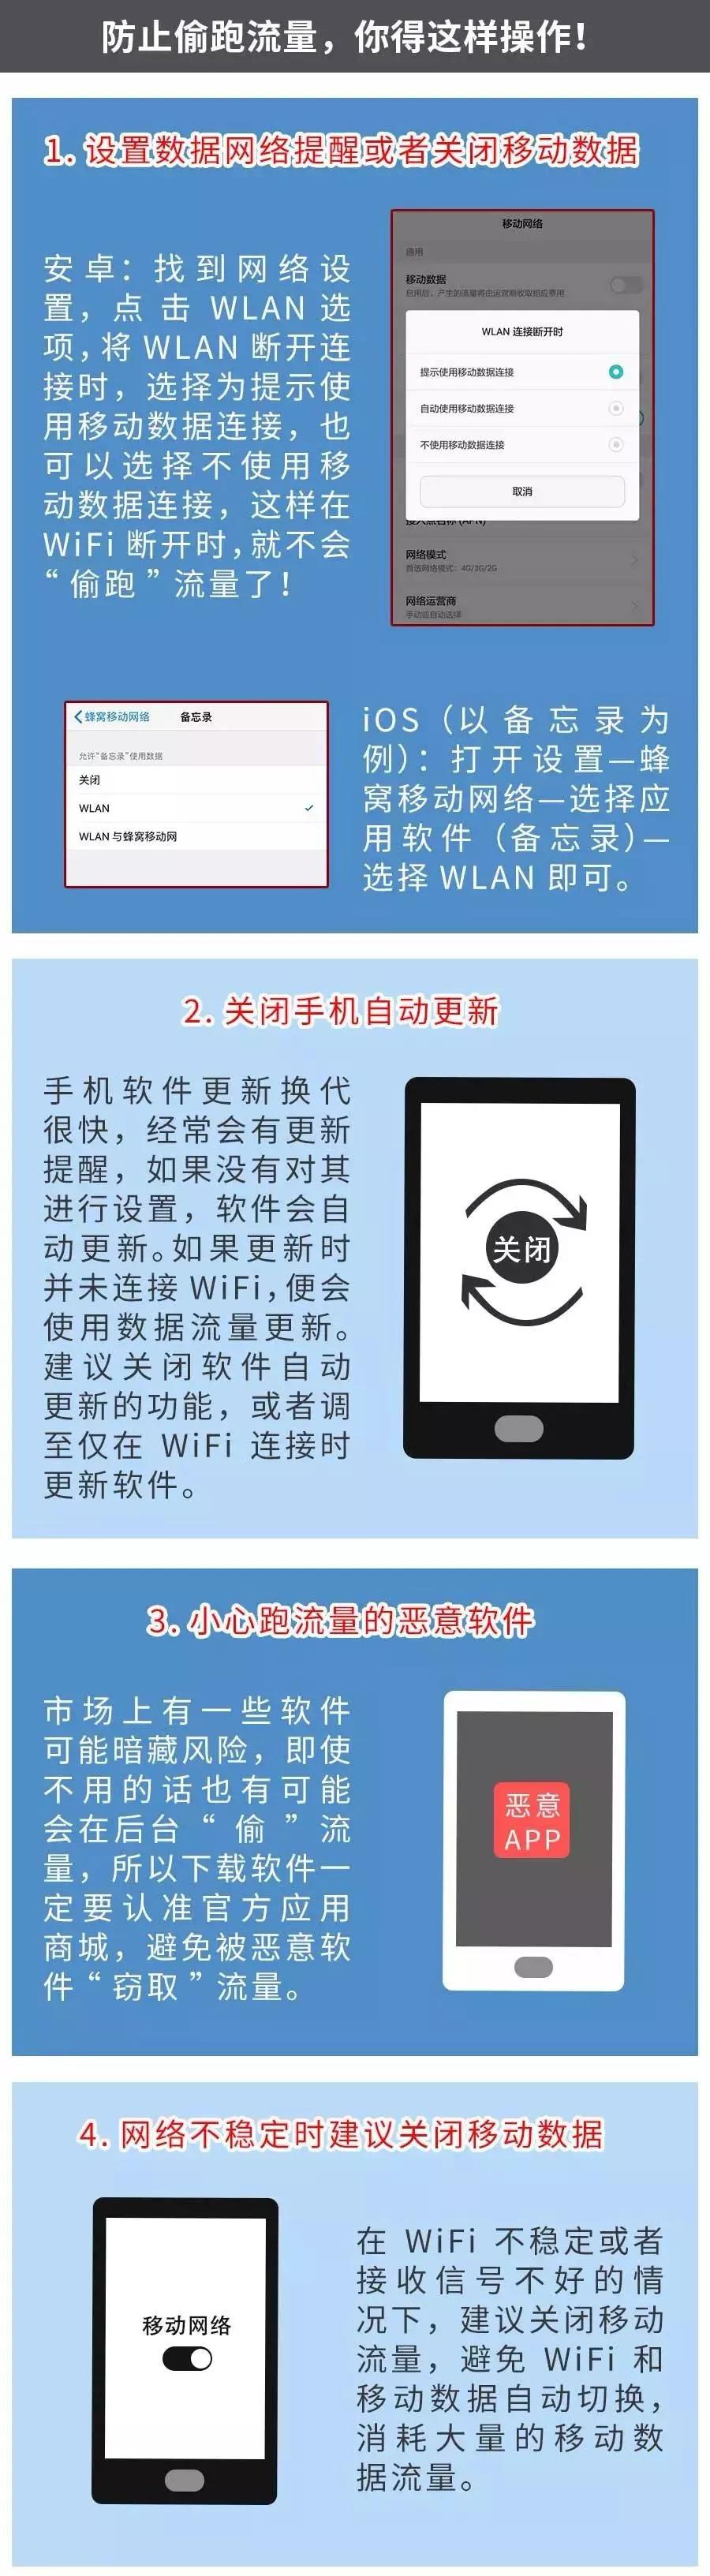 必赢56net手机版 3